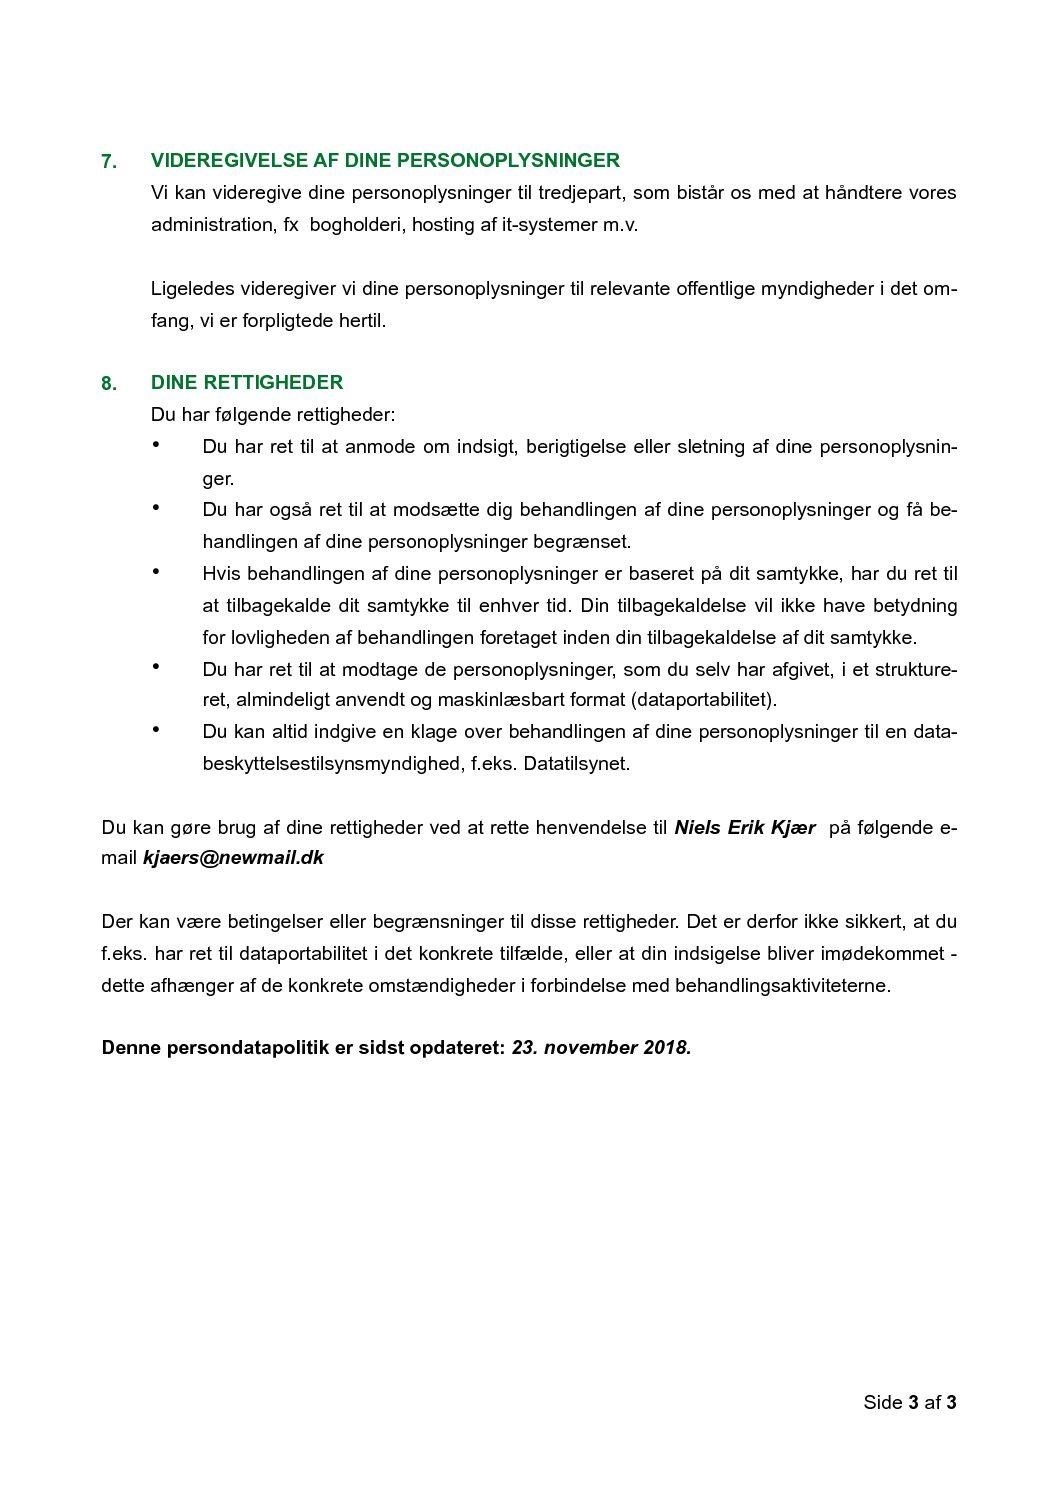 05 Privatlivspolitik, kunder s. 3